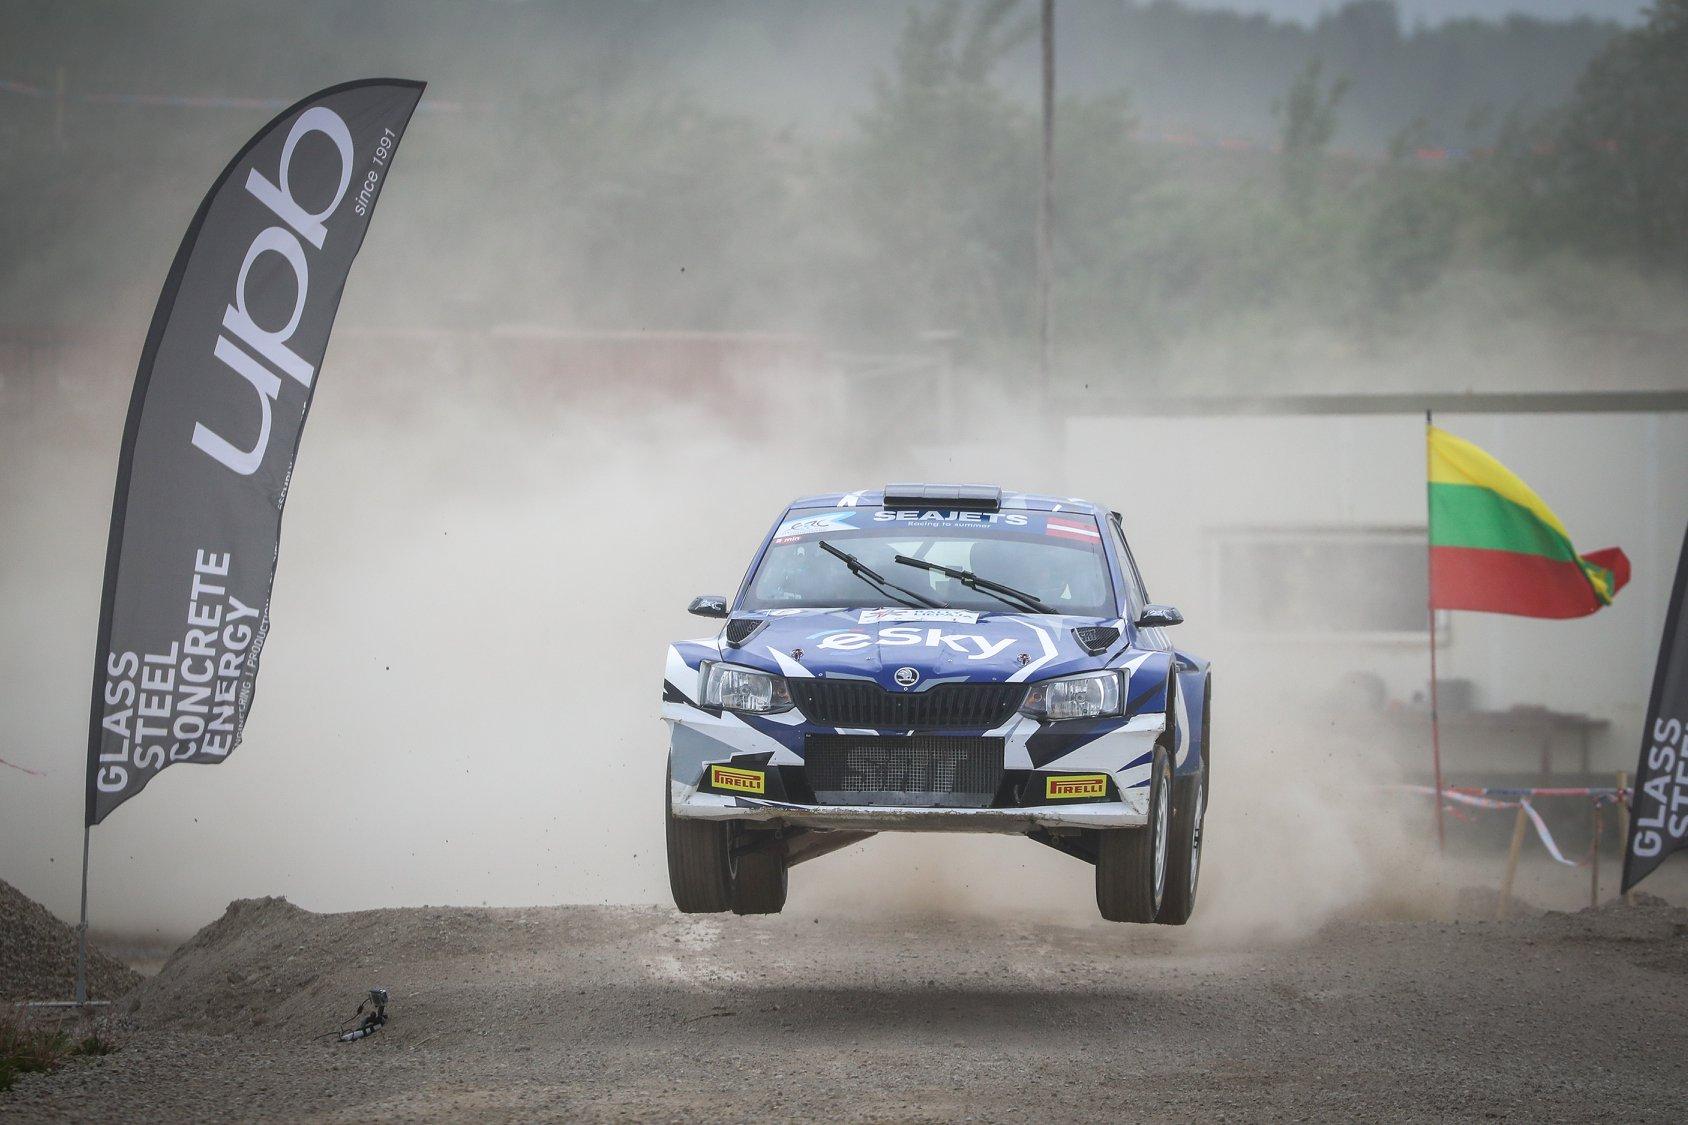 źródło: fb/ FIA ERC     Łukasz Habaj pozostaje liderem ERC po tym rajdzie